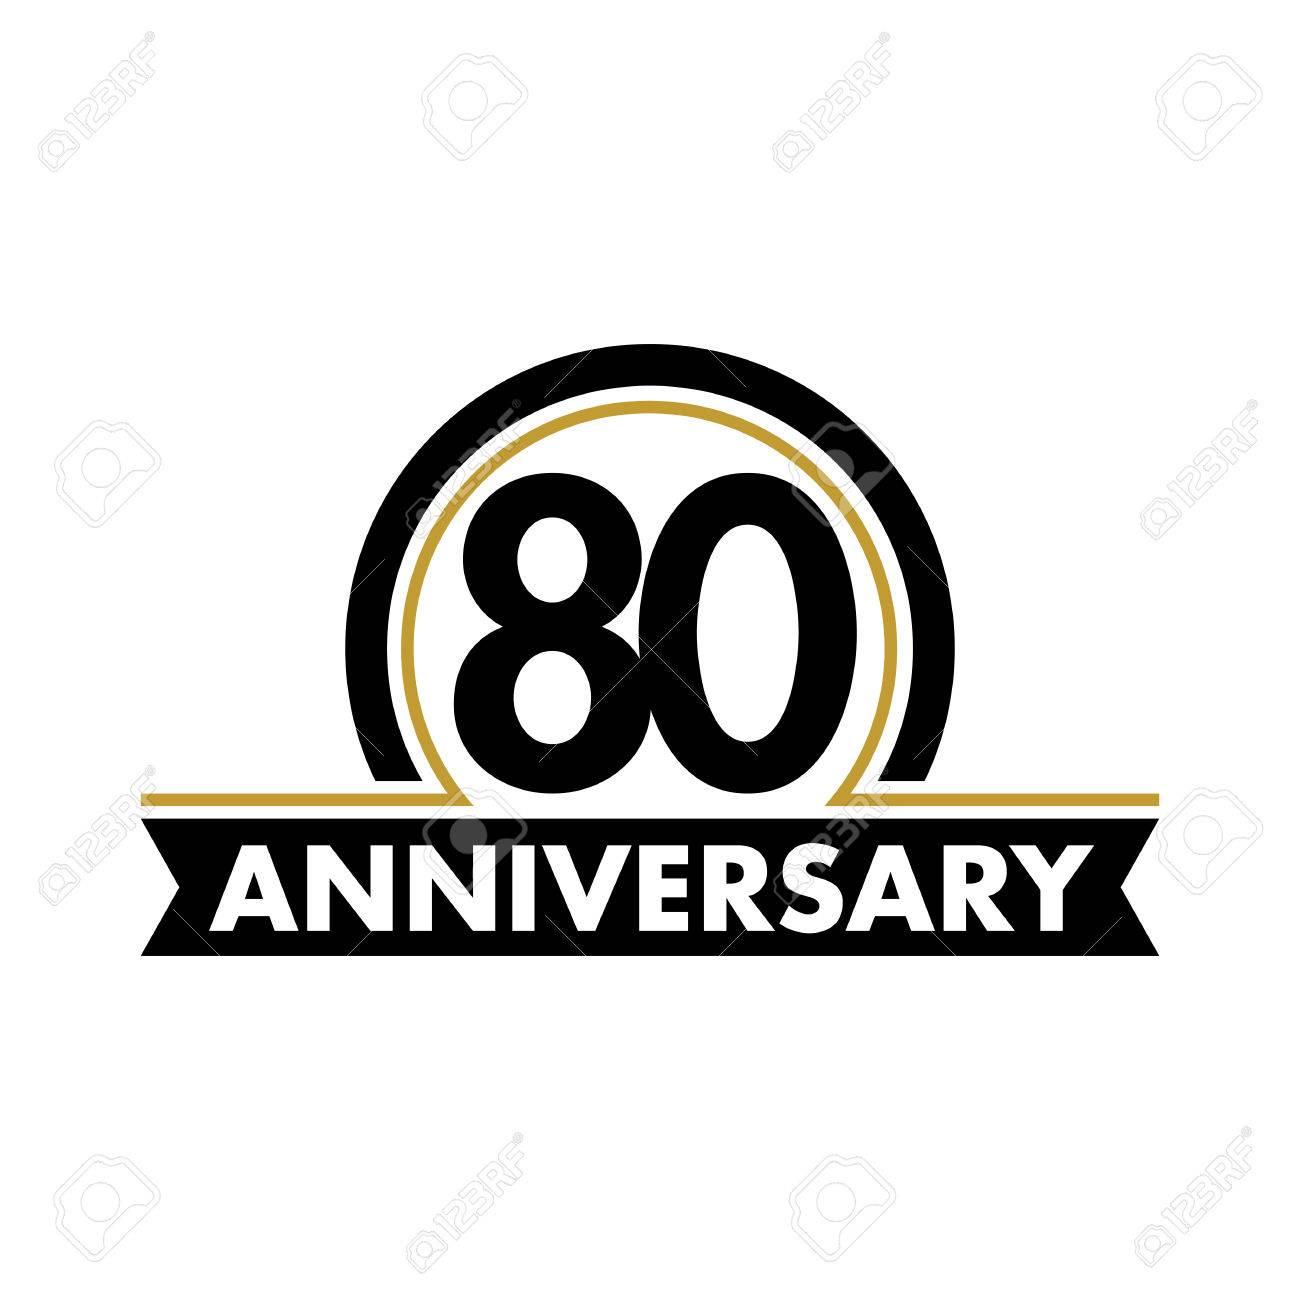 Anniversary vector unusual label seventieth anniversary symbol anniversary vector unusual label seventieth anniversary symbol 80 years birthday abstract logo the biocorpaavc